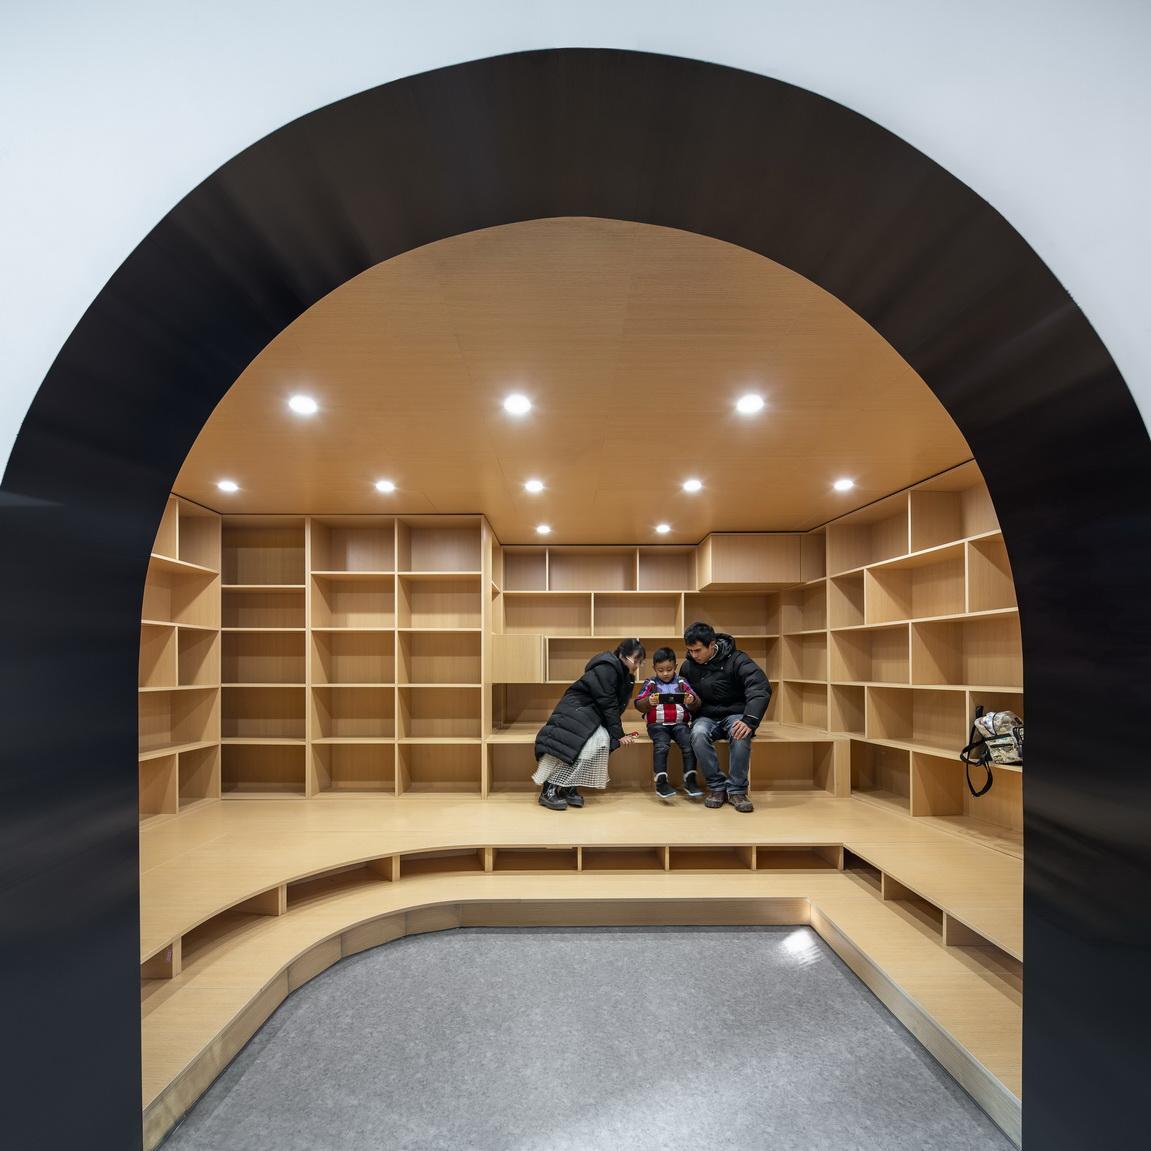 Indoor photos001 ZhangYong